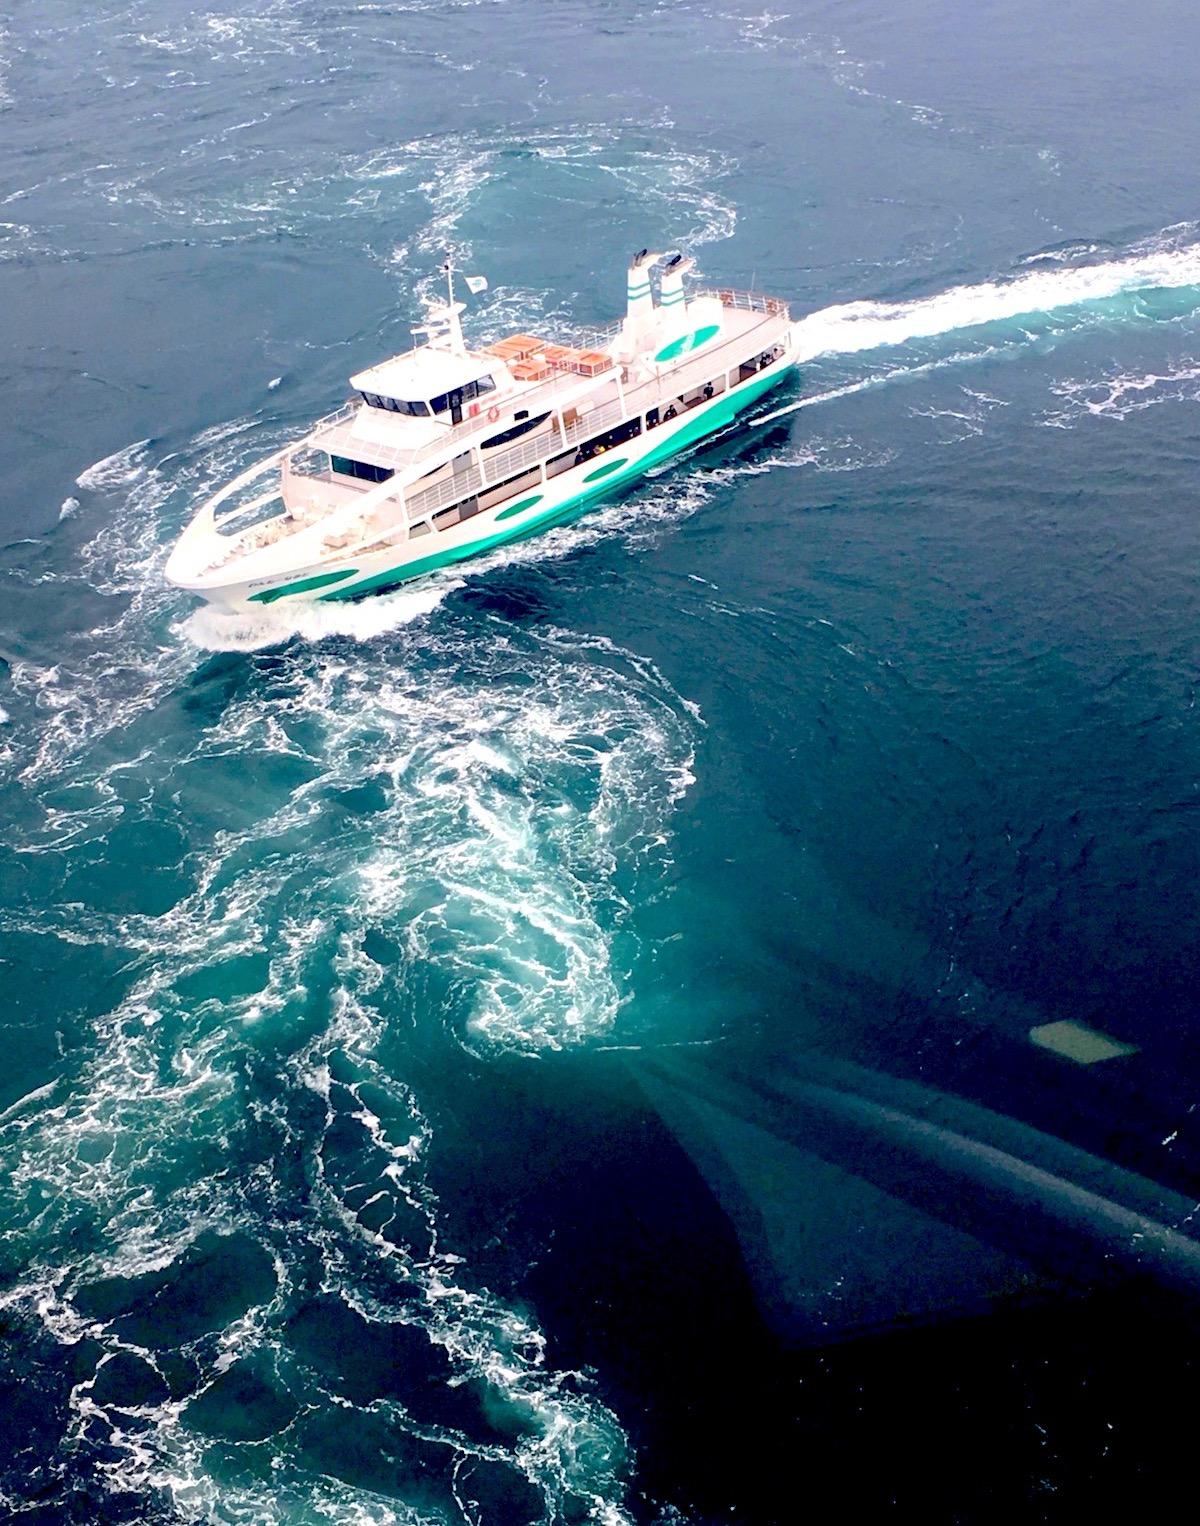 大型観潮船「わんだーなると」